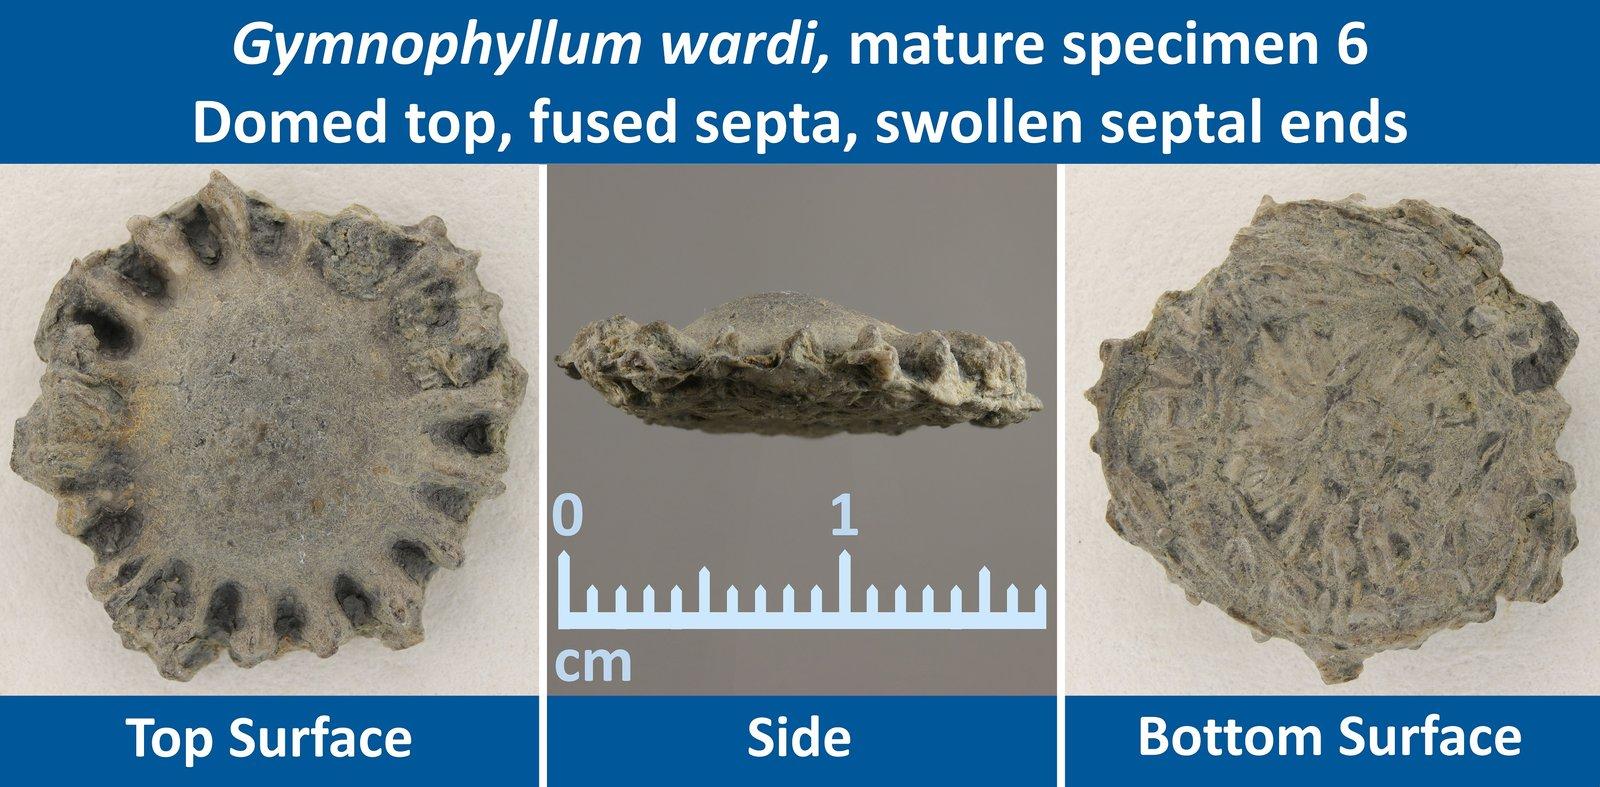 11 Gymnophyllum wardi Mature Specimen 06 Domed top, Fused septa, Swollen septal ends